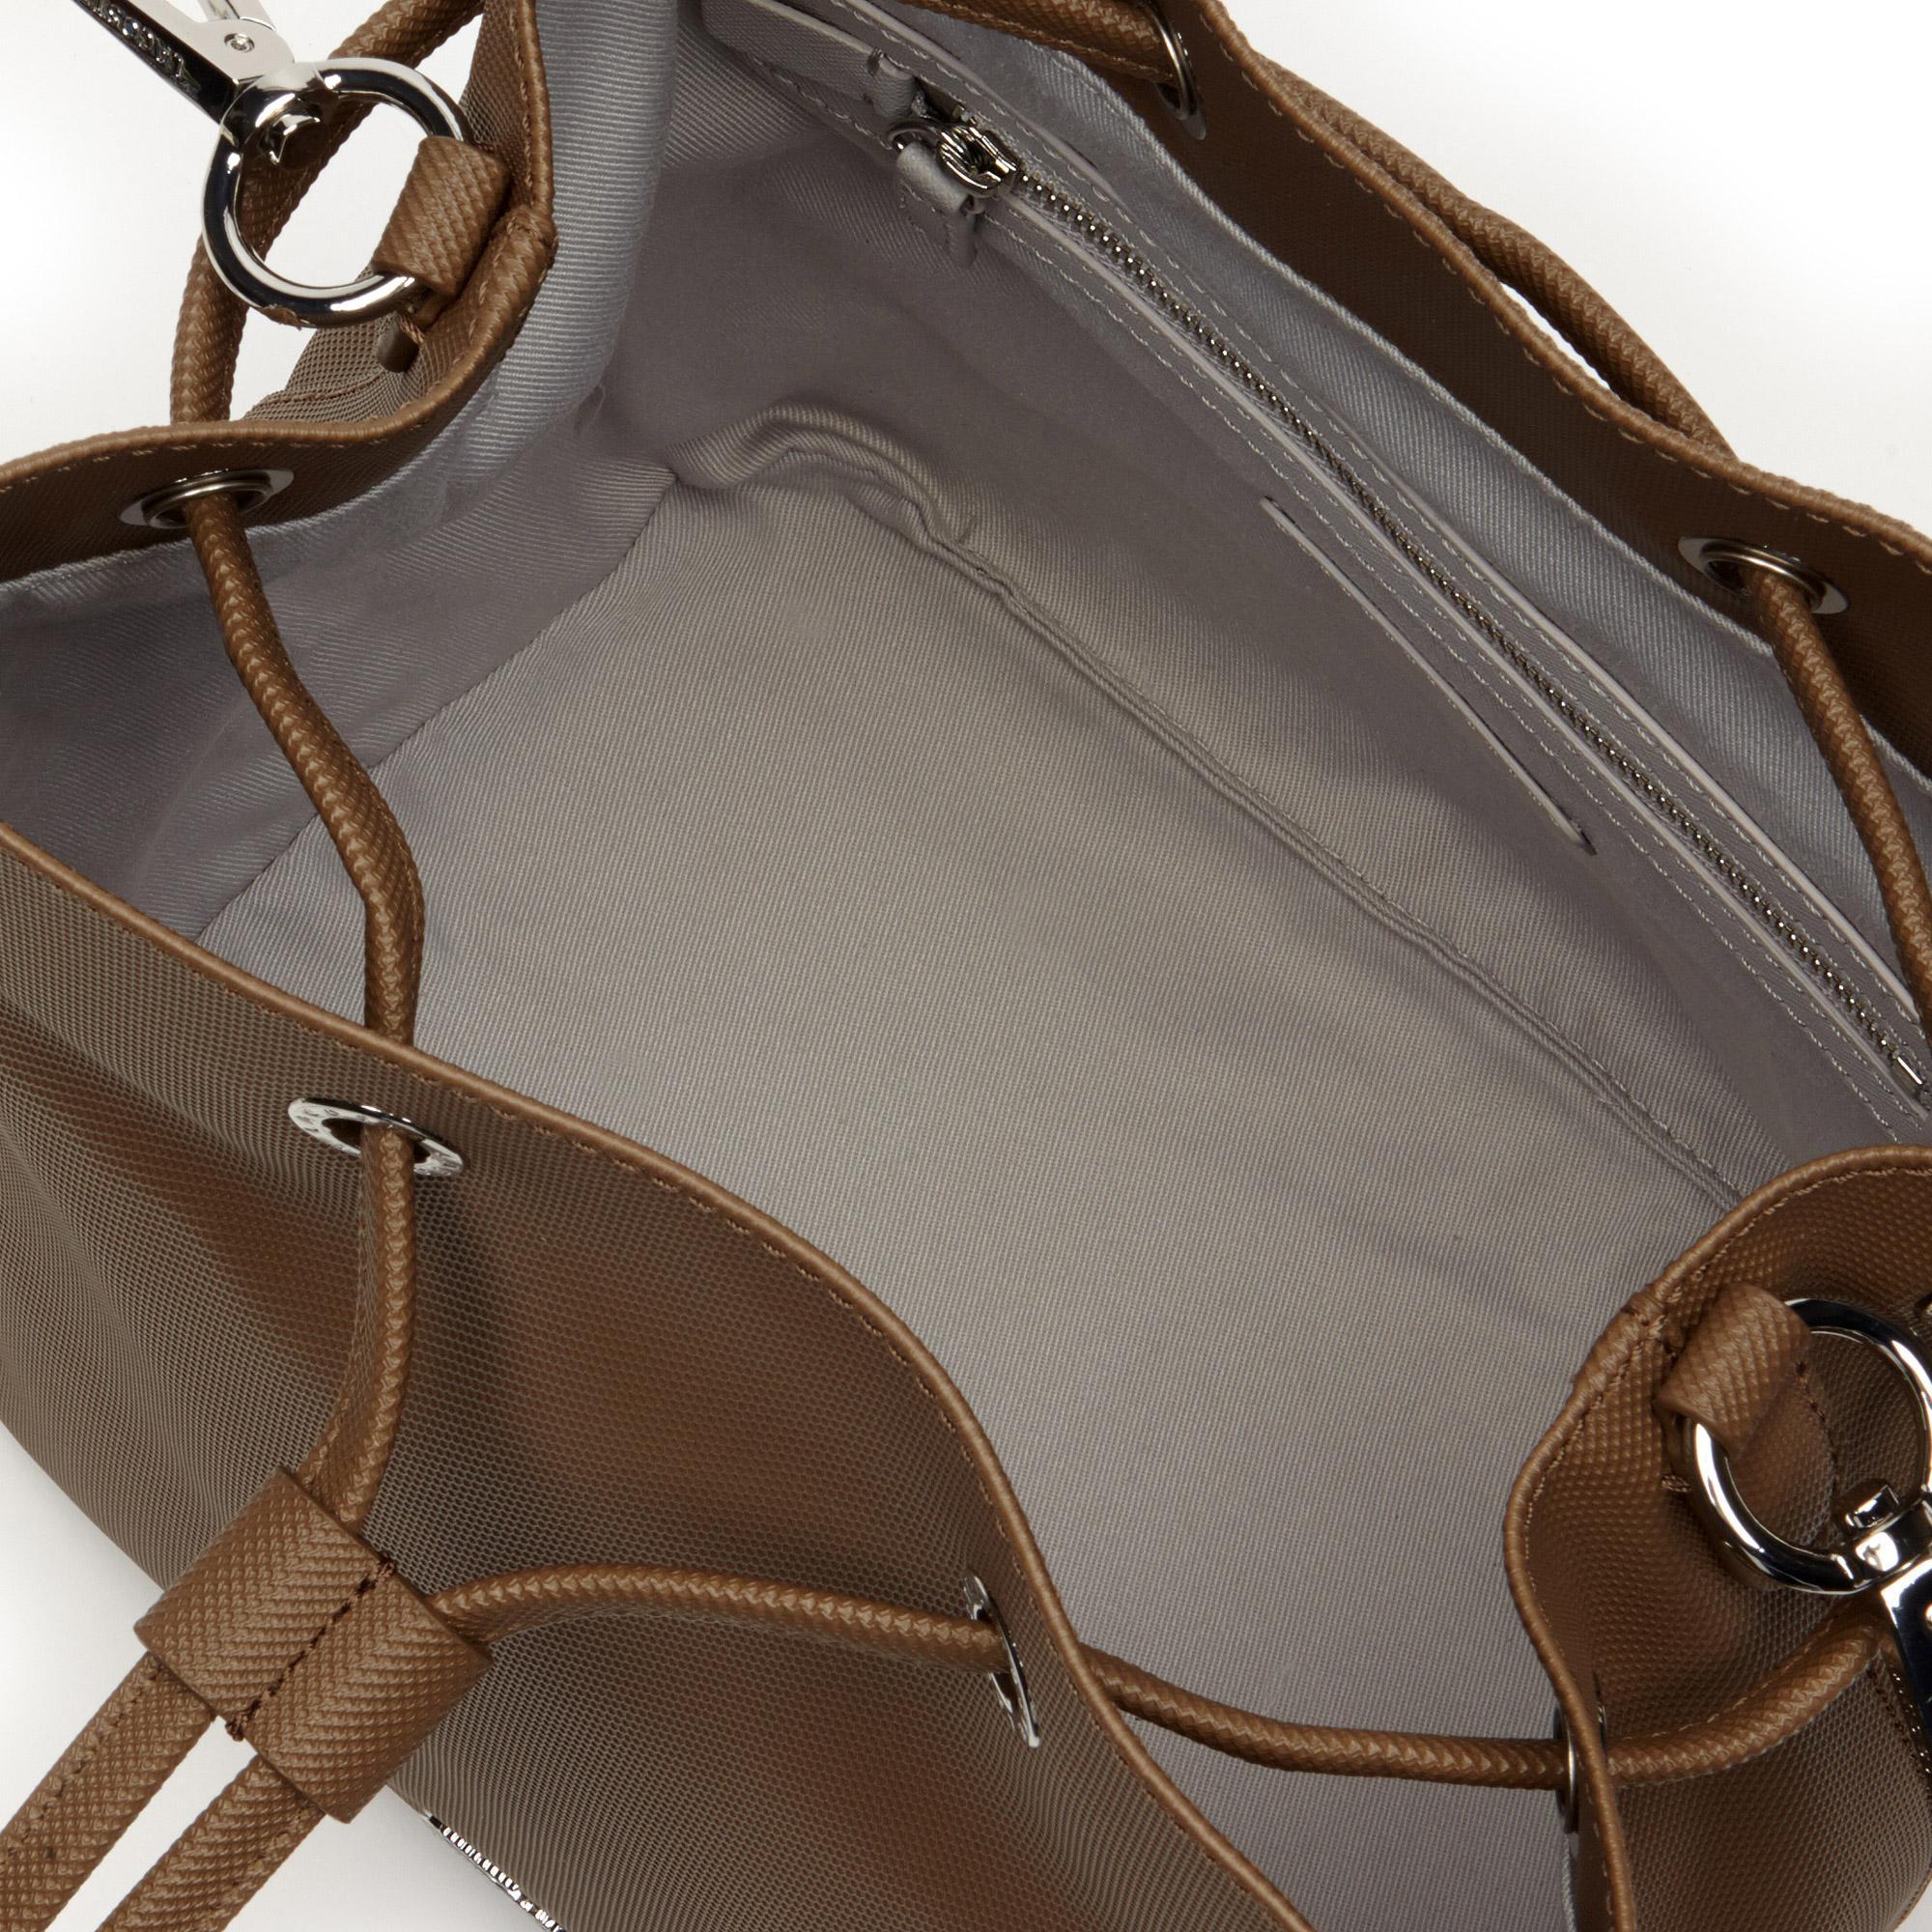 Lacoste Kadın Vizon Rengi Çanta